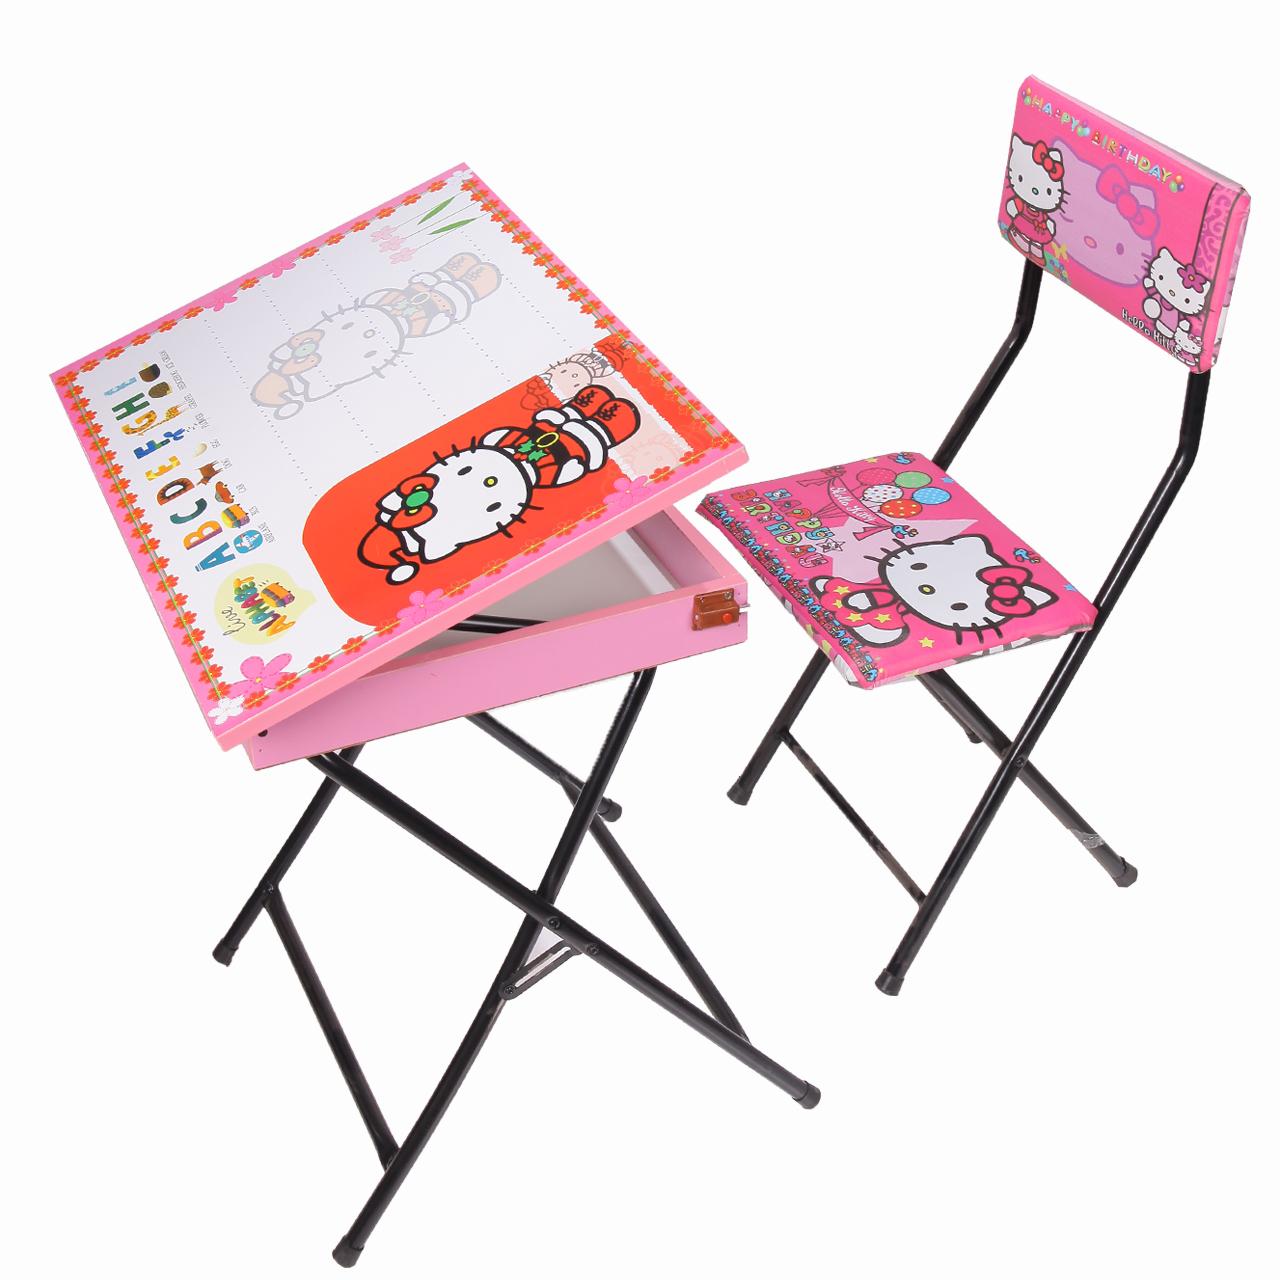 میز تحریر باکسدار و صندلی طرح کیتی (وایت بردی،تاشو،تنظیم شونده ارتفاع)